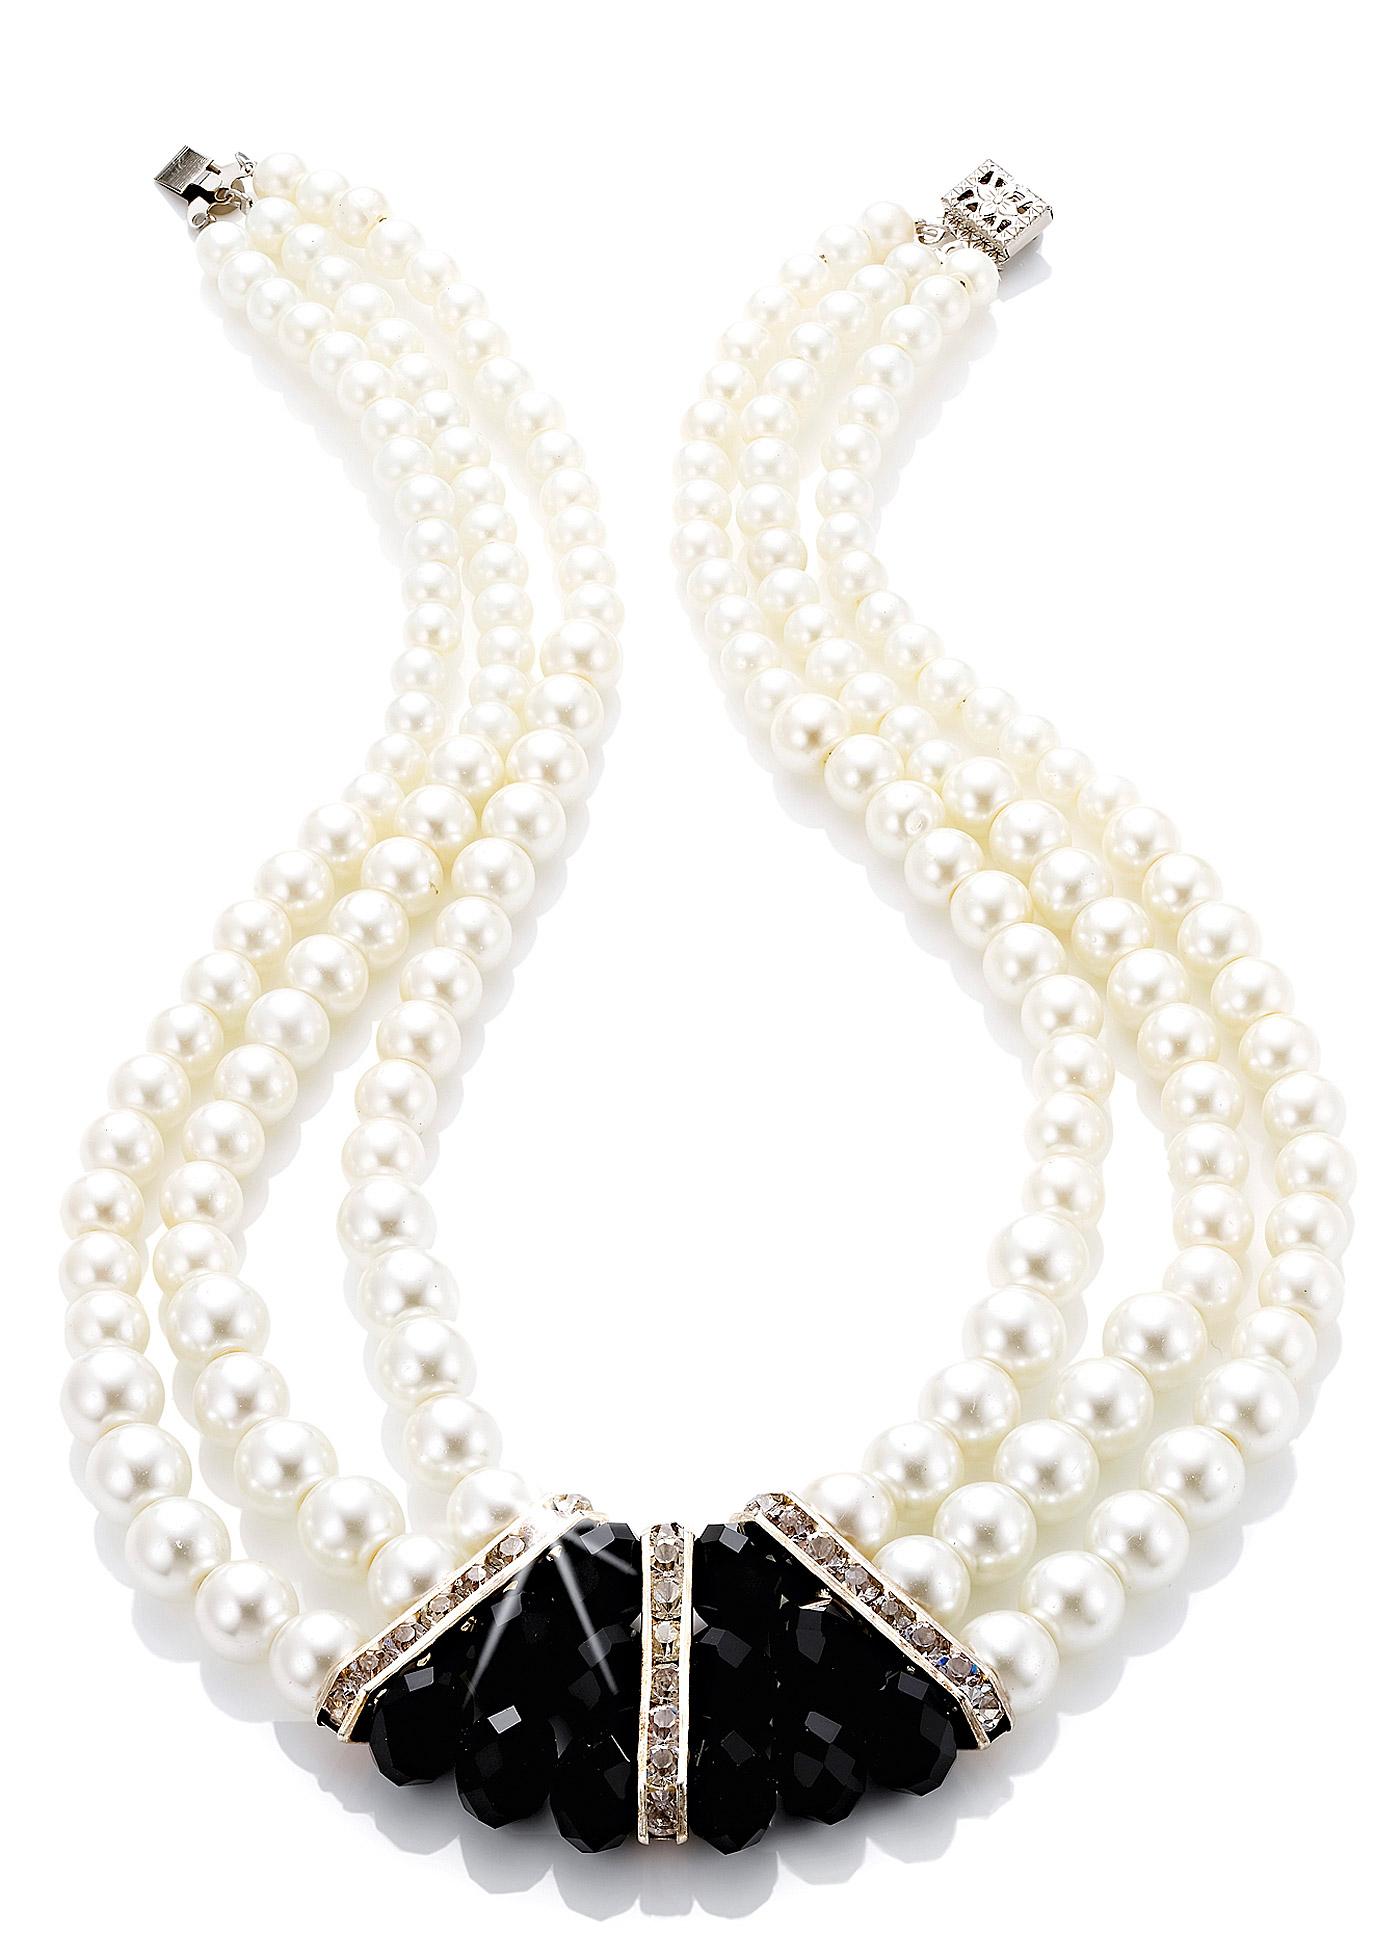 Collier trois rangs avec perles imitation culture et pierres fantaisie, dim. env. 44 x 3 cm.